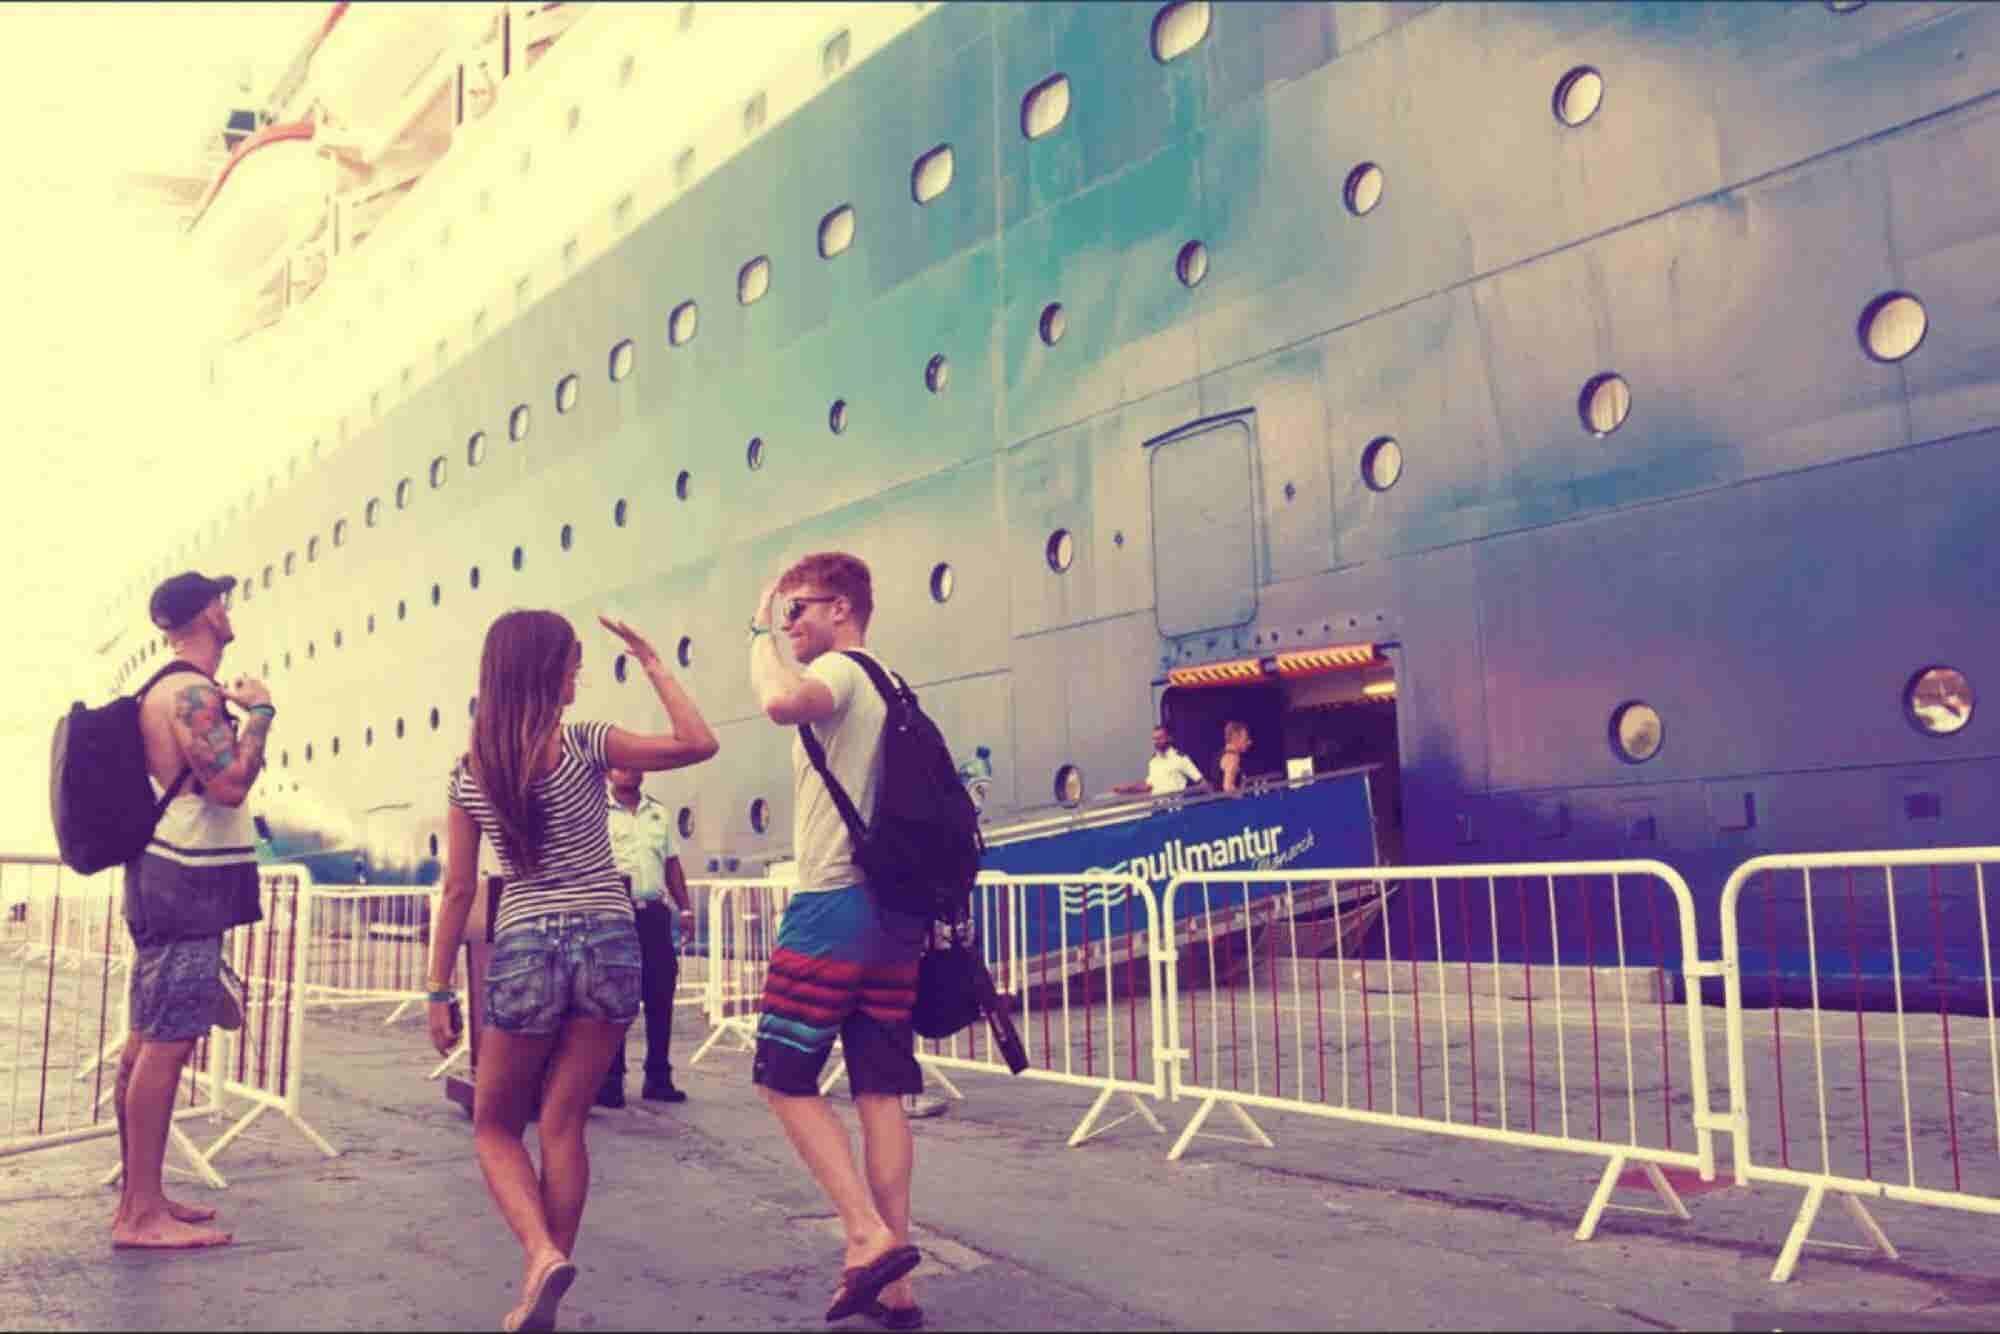 Nomad Cruise, el barco que surca los mares con cientos de emprendedore...